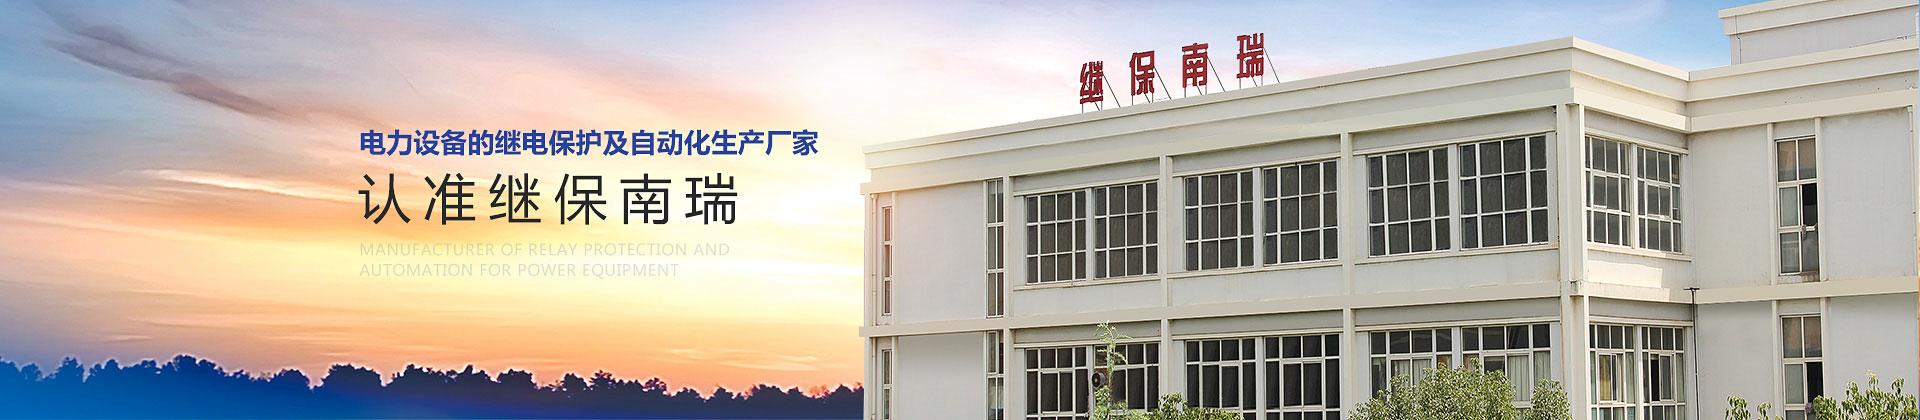 电力设备的继电保护及自动化生产厂家认准继保南瑞